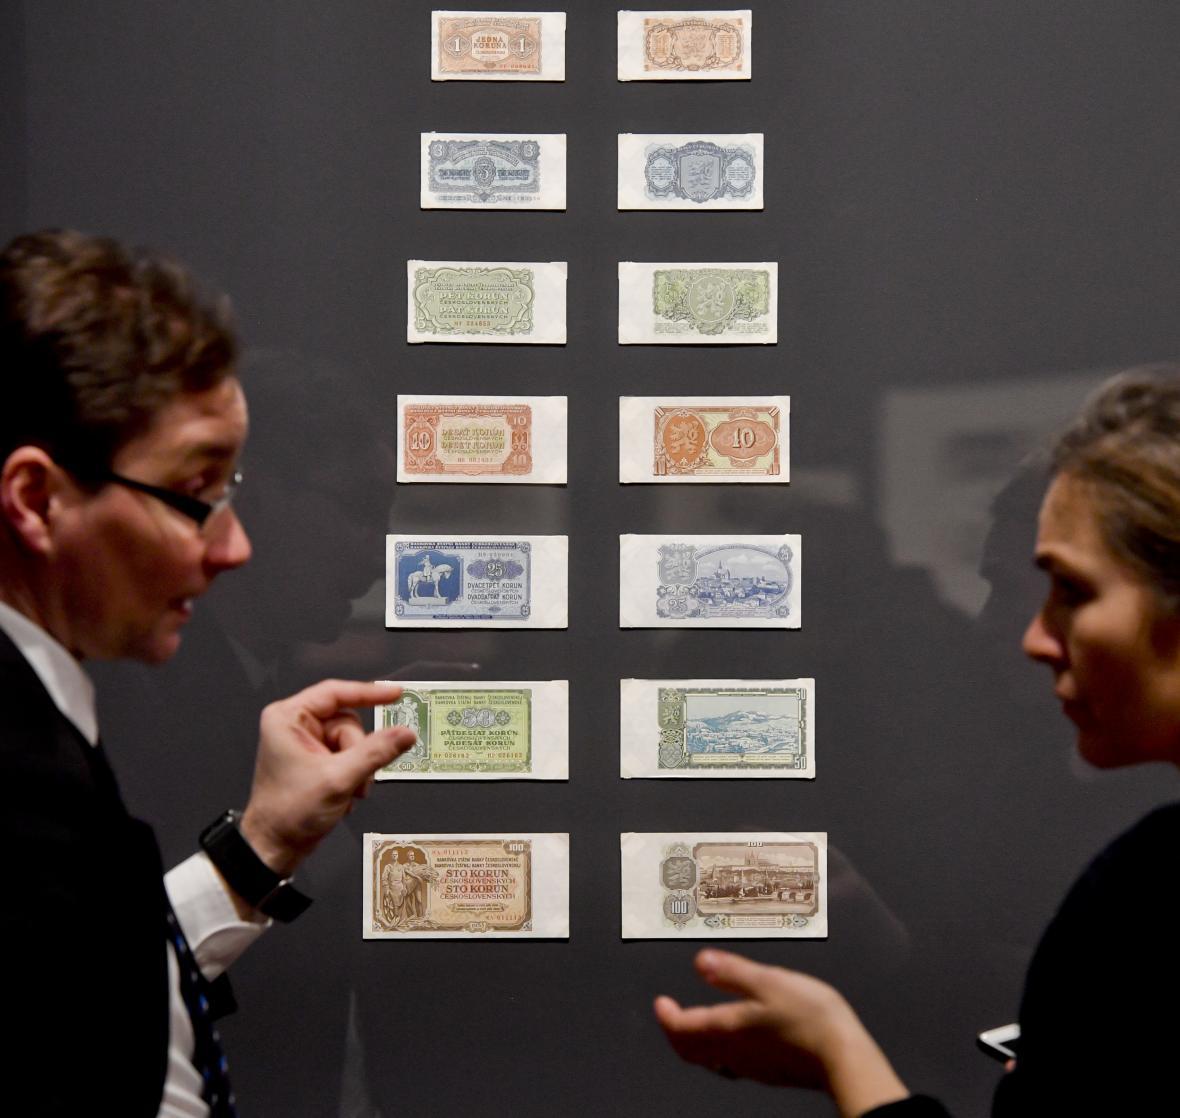 Pohled na výstavu k výročí československé měny v Císařské konírně.